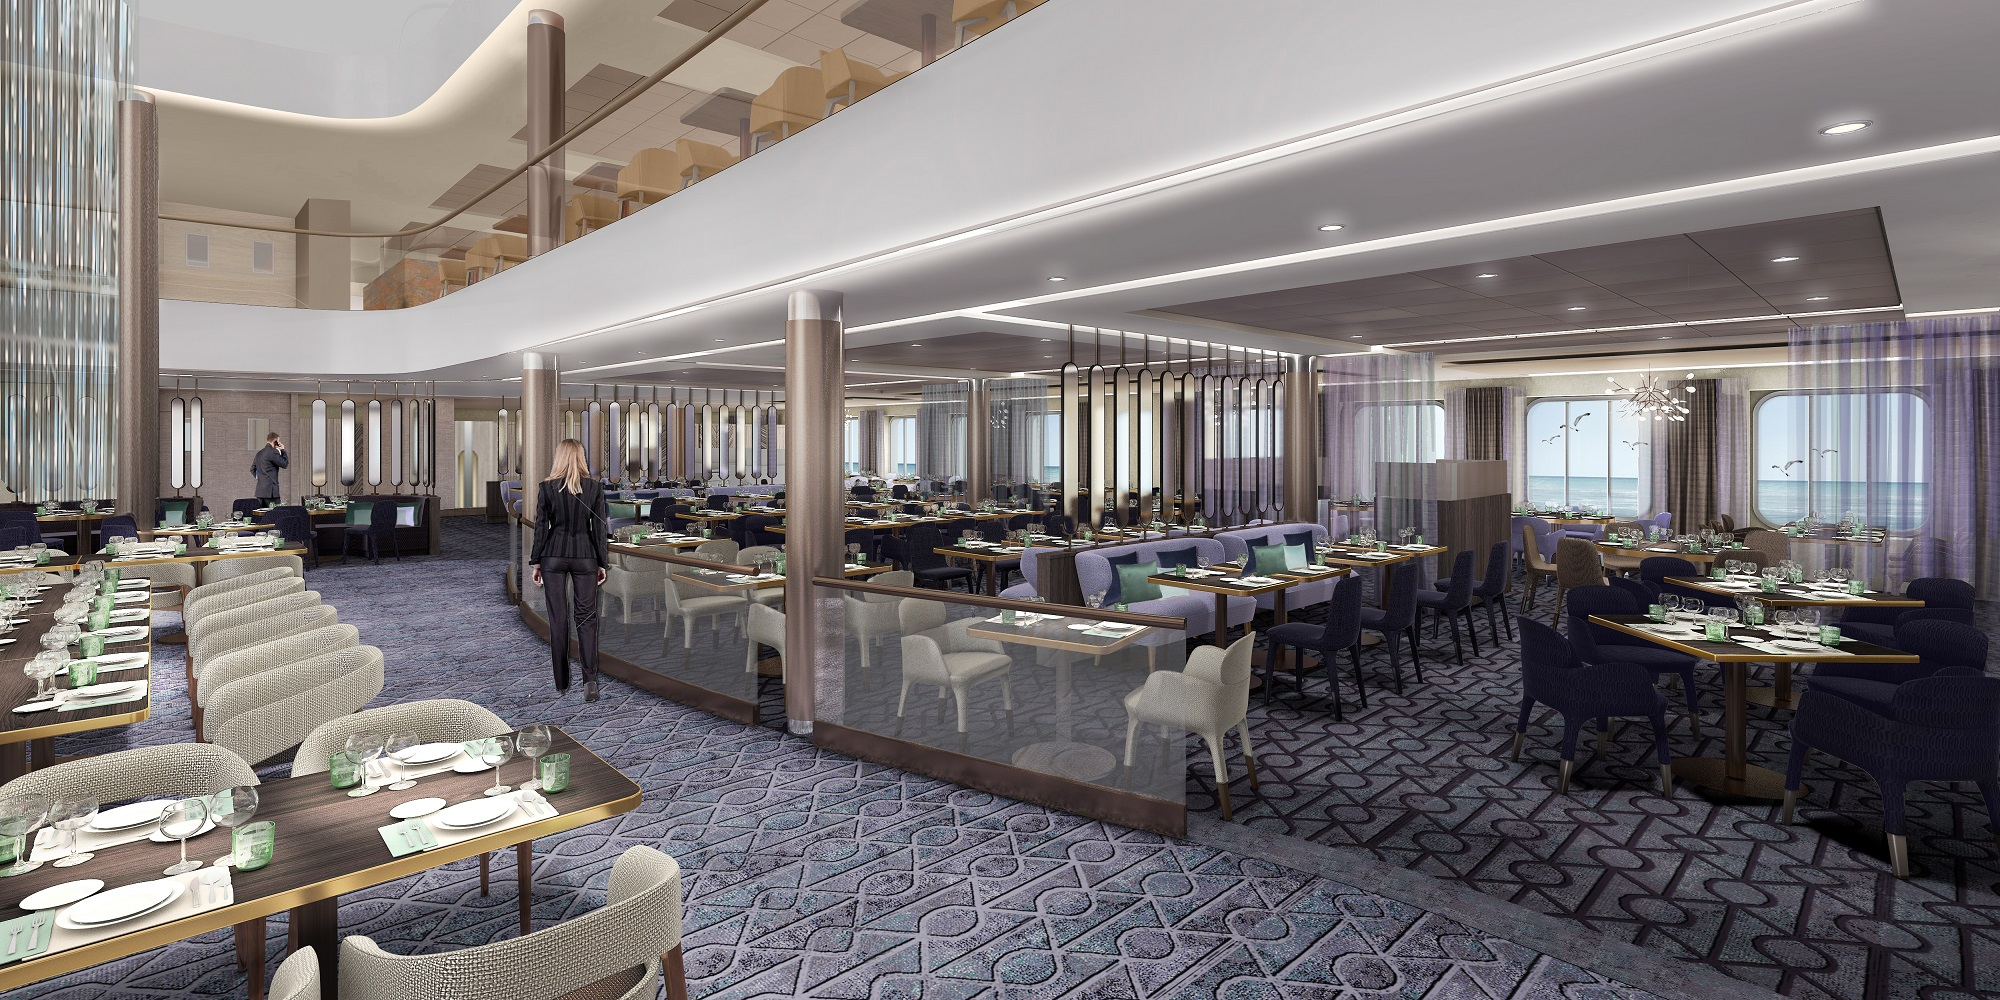 Design von Cm Design: Das Restaurant Atlantik auf der neuen Mein Schiff 2 von TUI Cruises